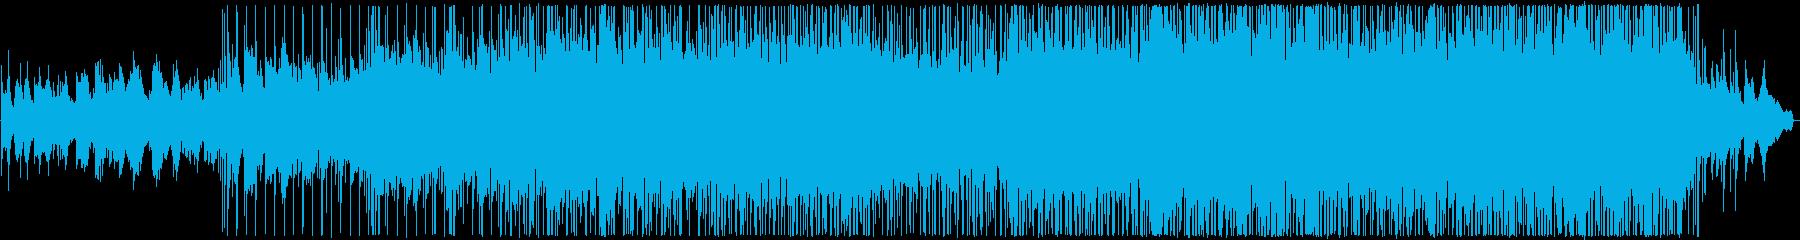 悲しい雰囲気のバラードの再生済みの波形